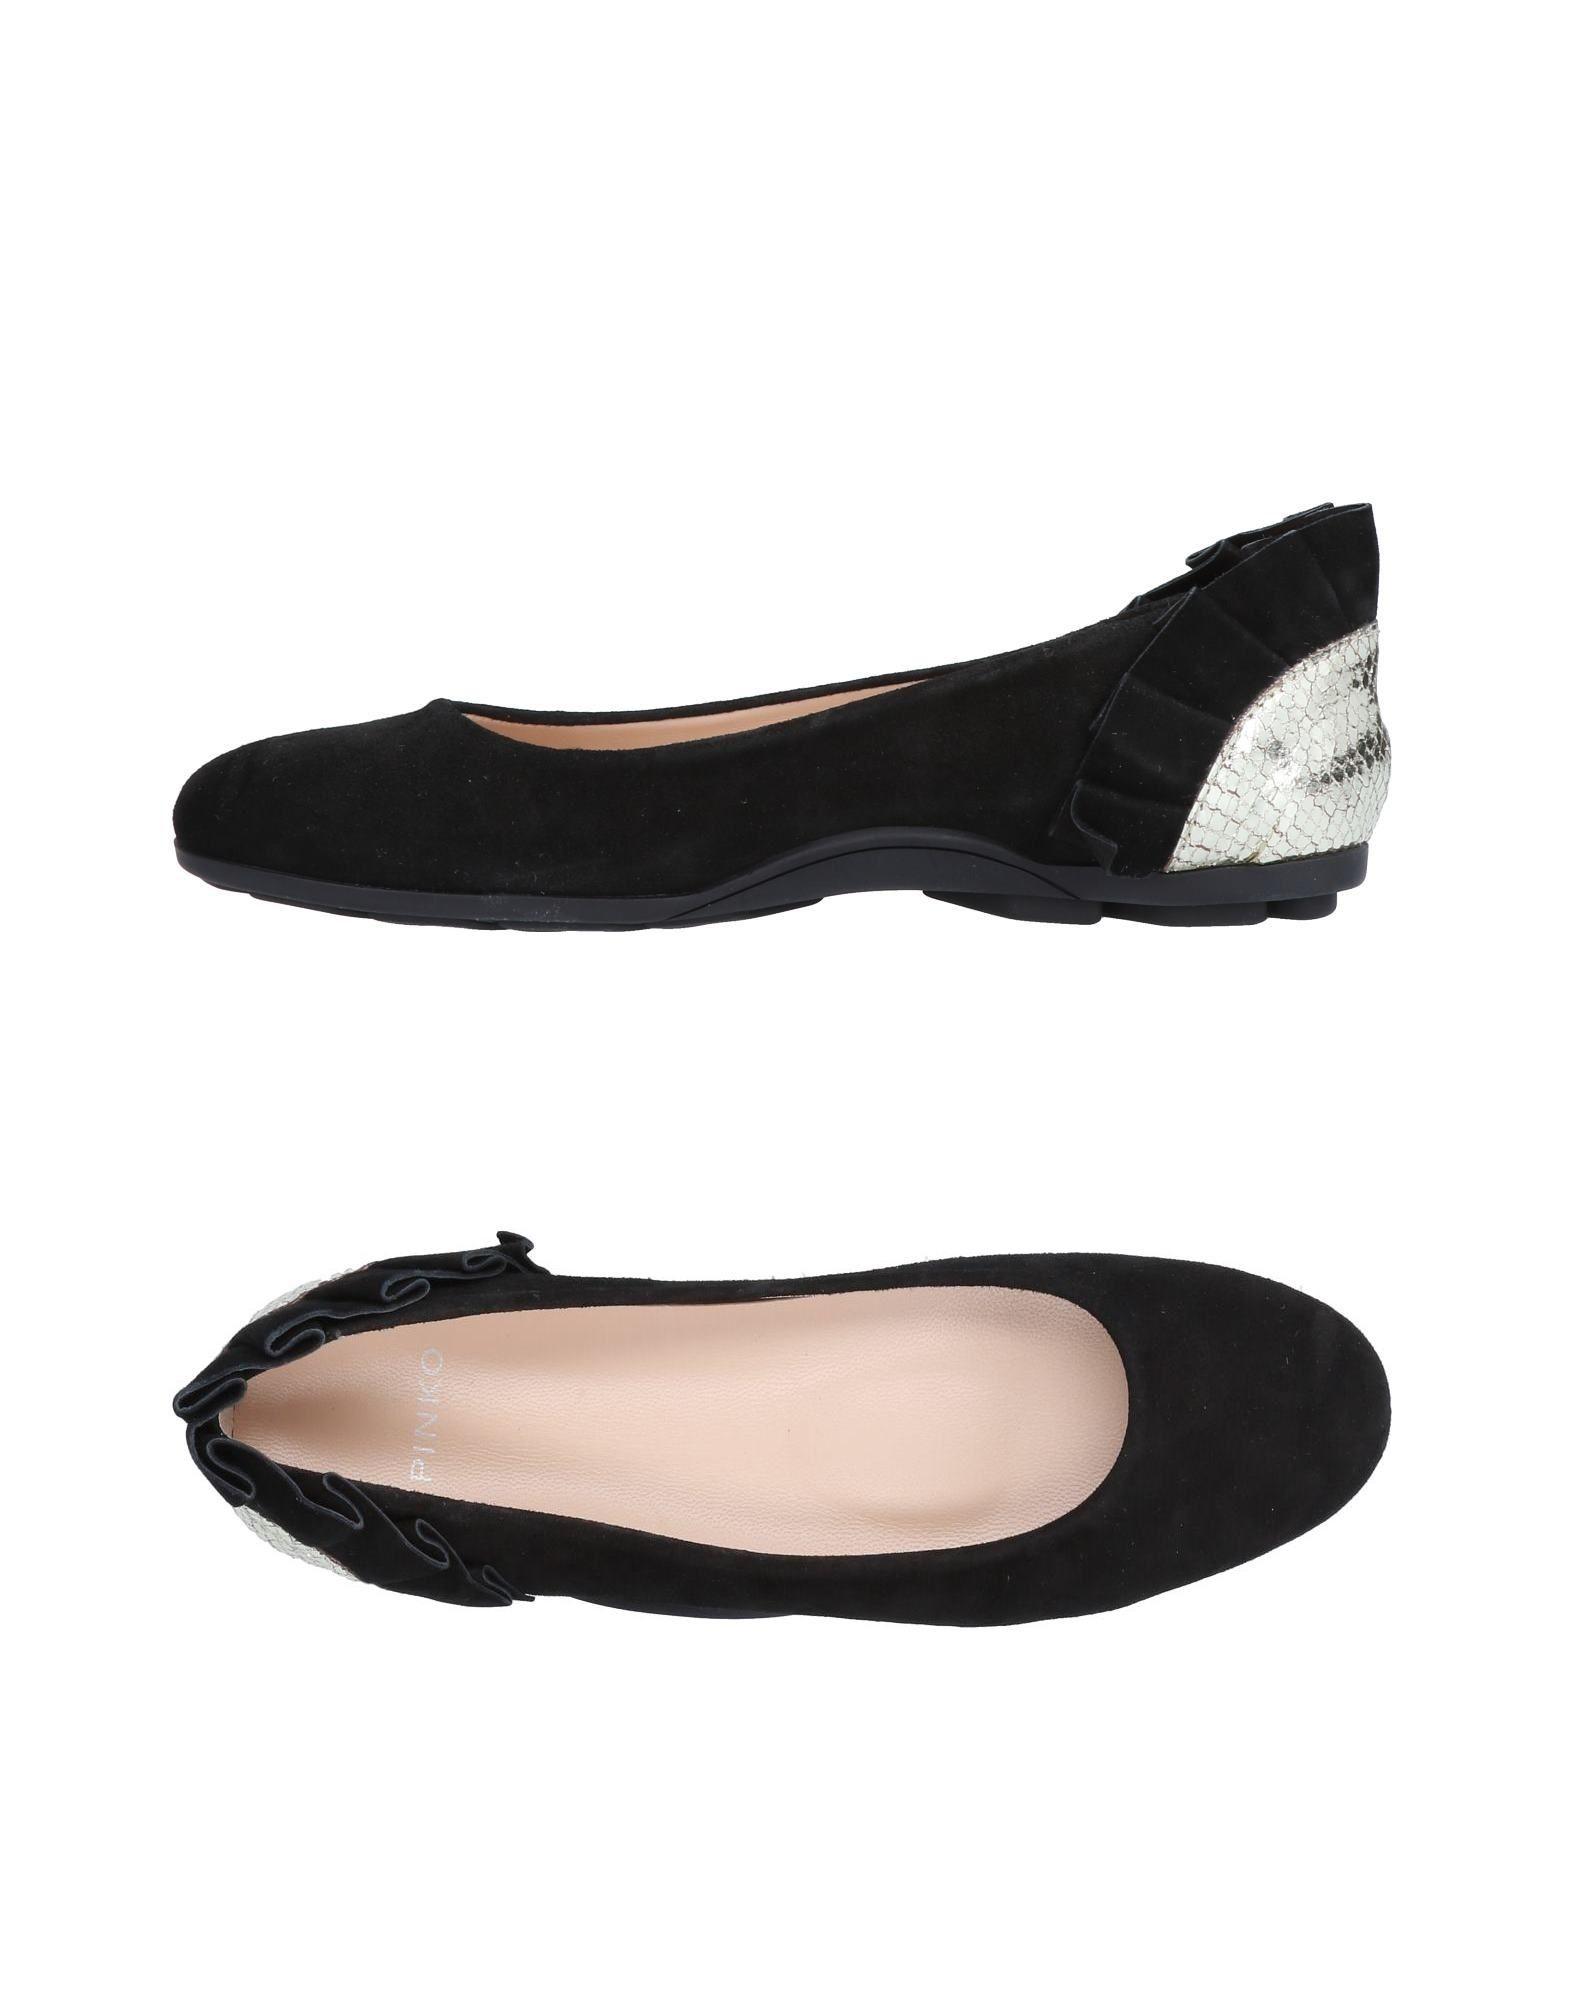 Scarpe economiche e resistenti Ballerine Pinko Donna - 11513742RM